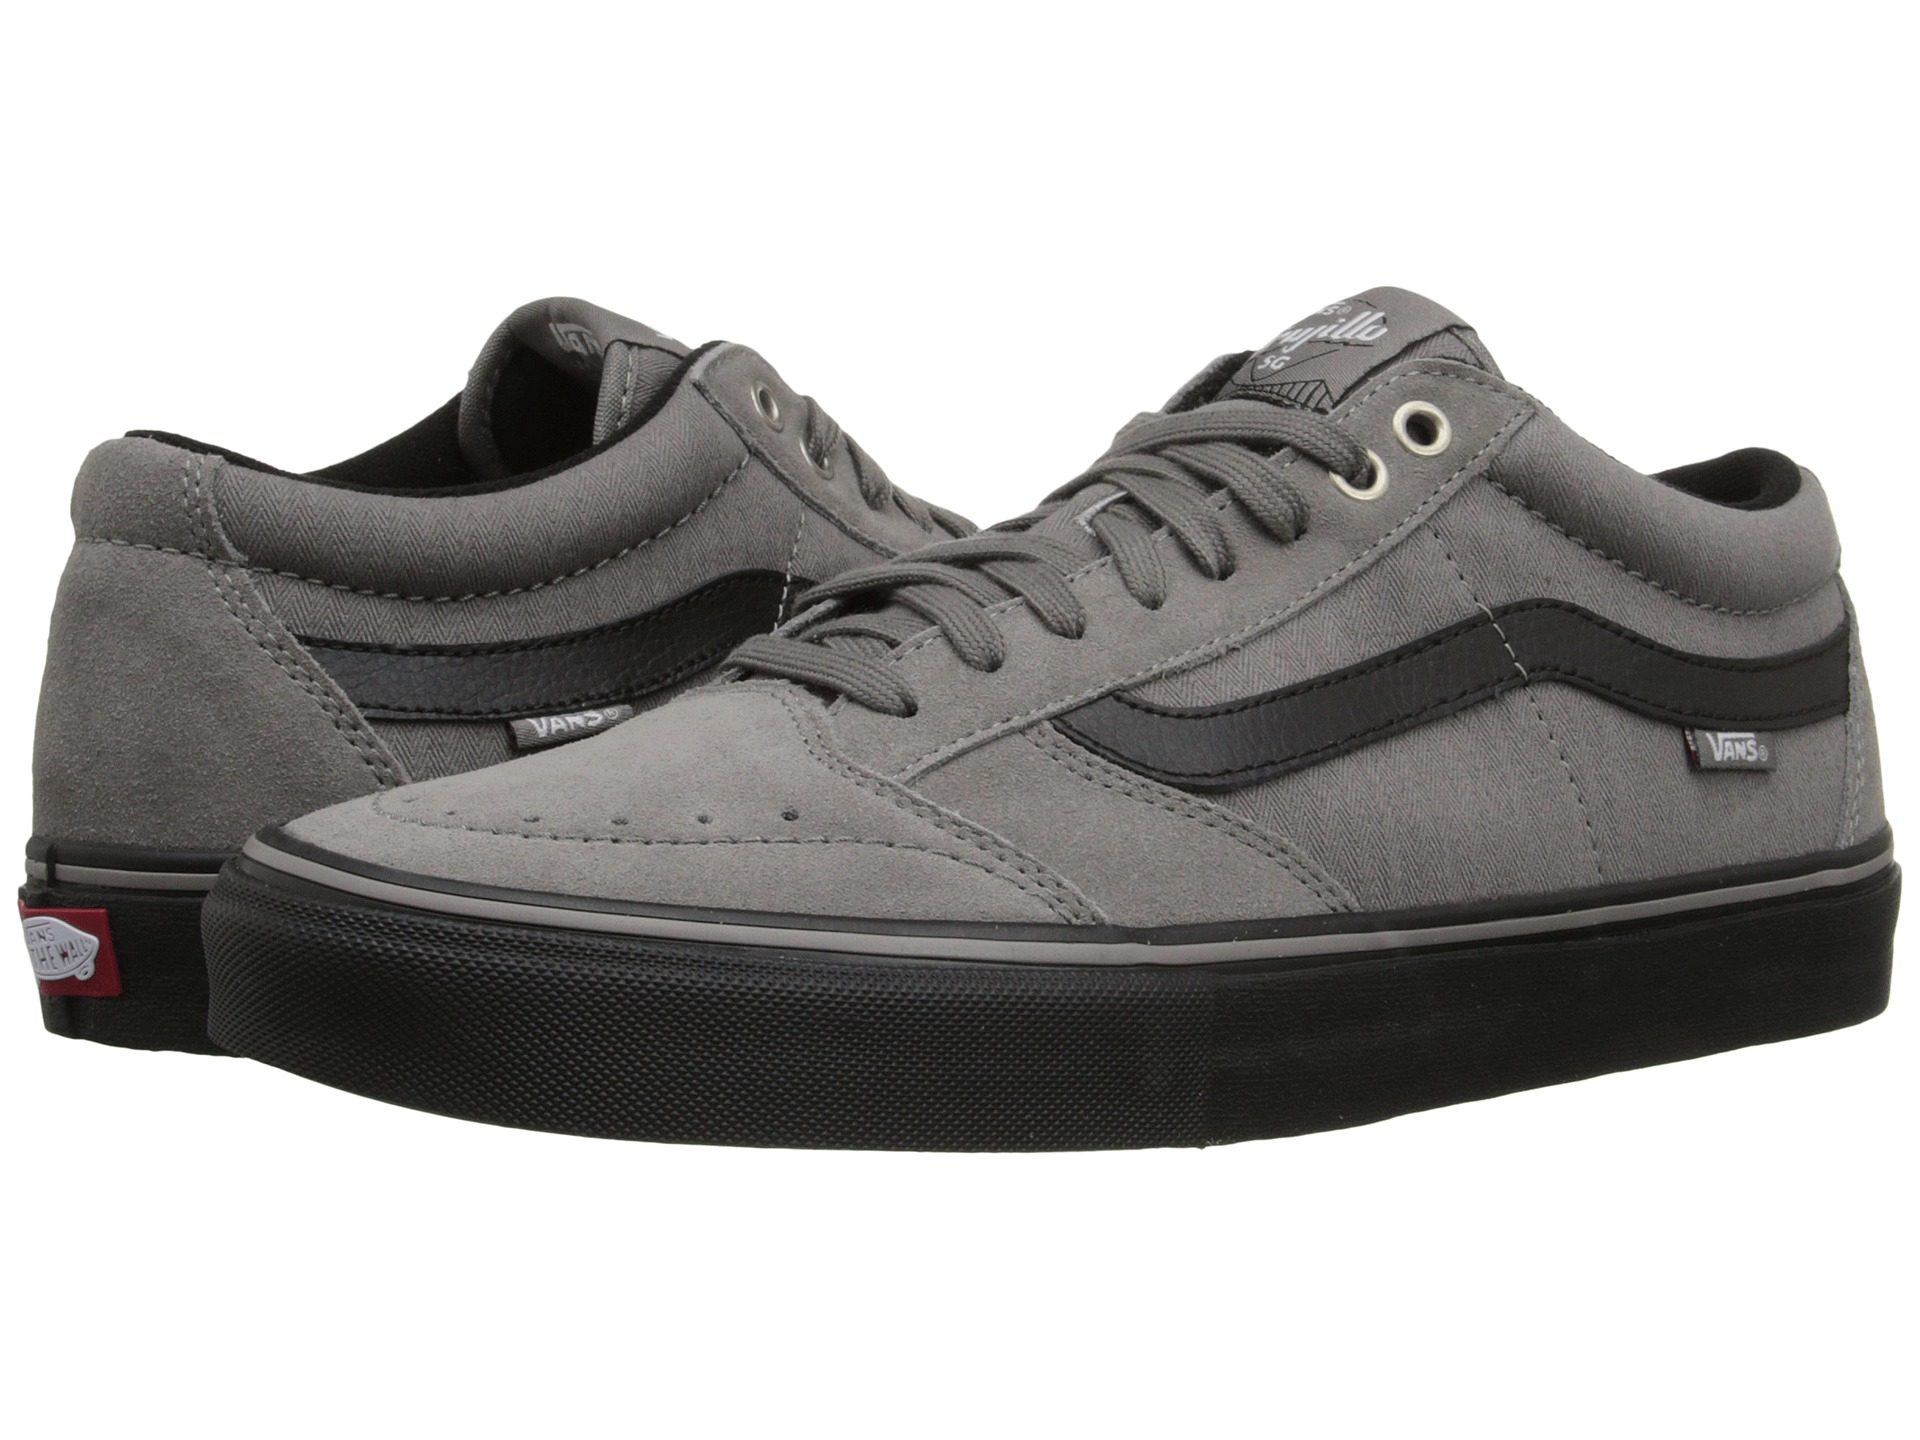 Lyst - Vans Tnt Sg in Gray for Men 04fba273d